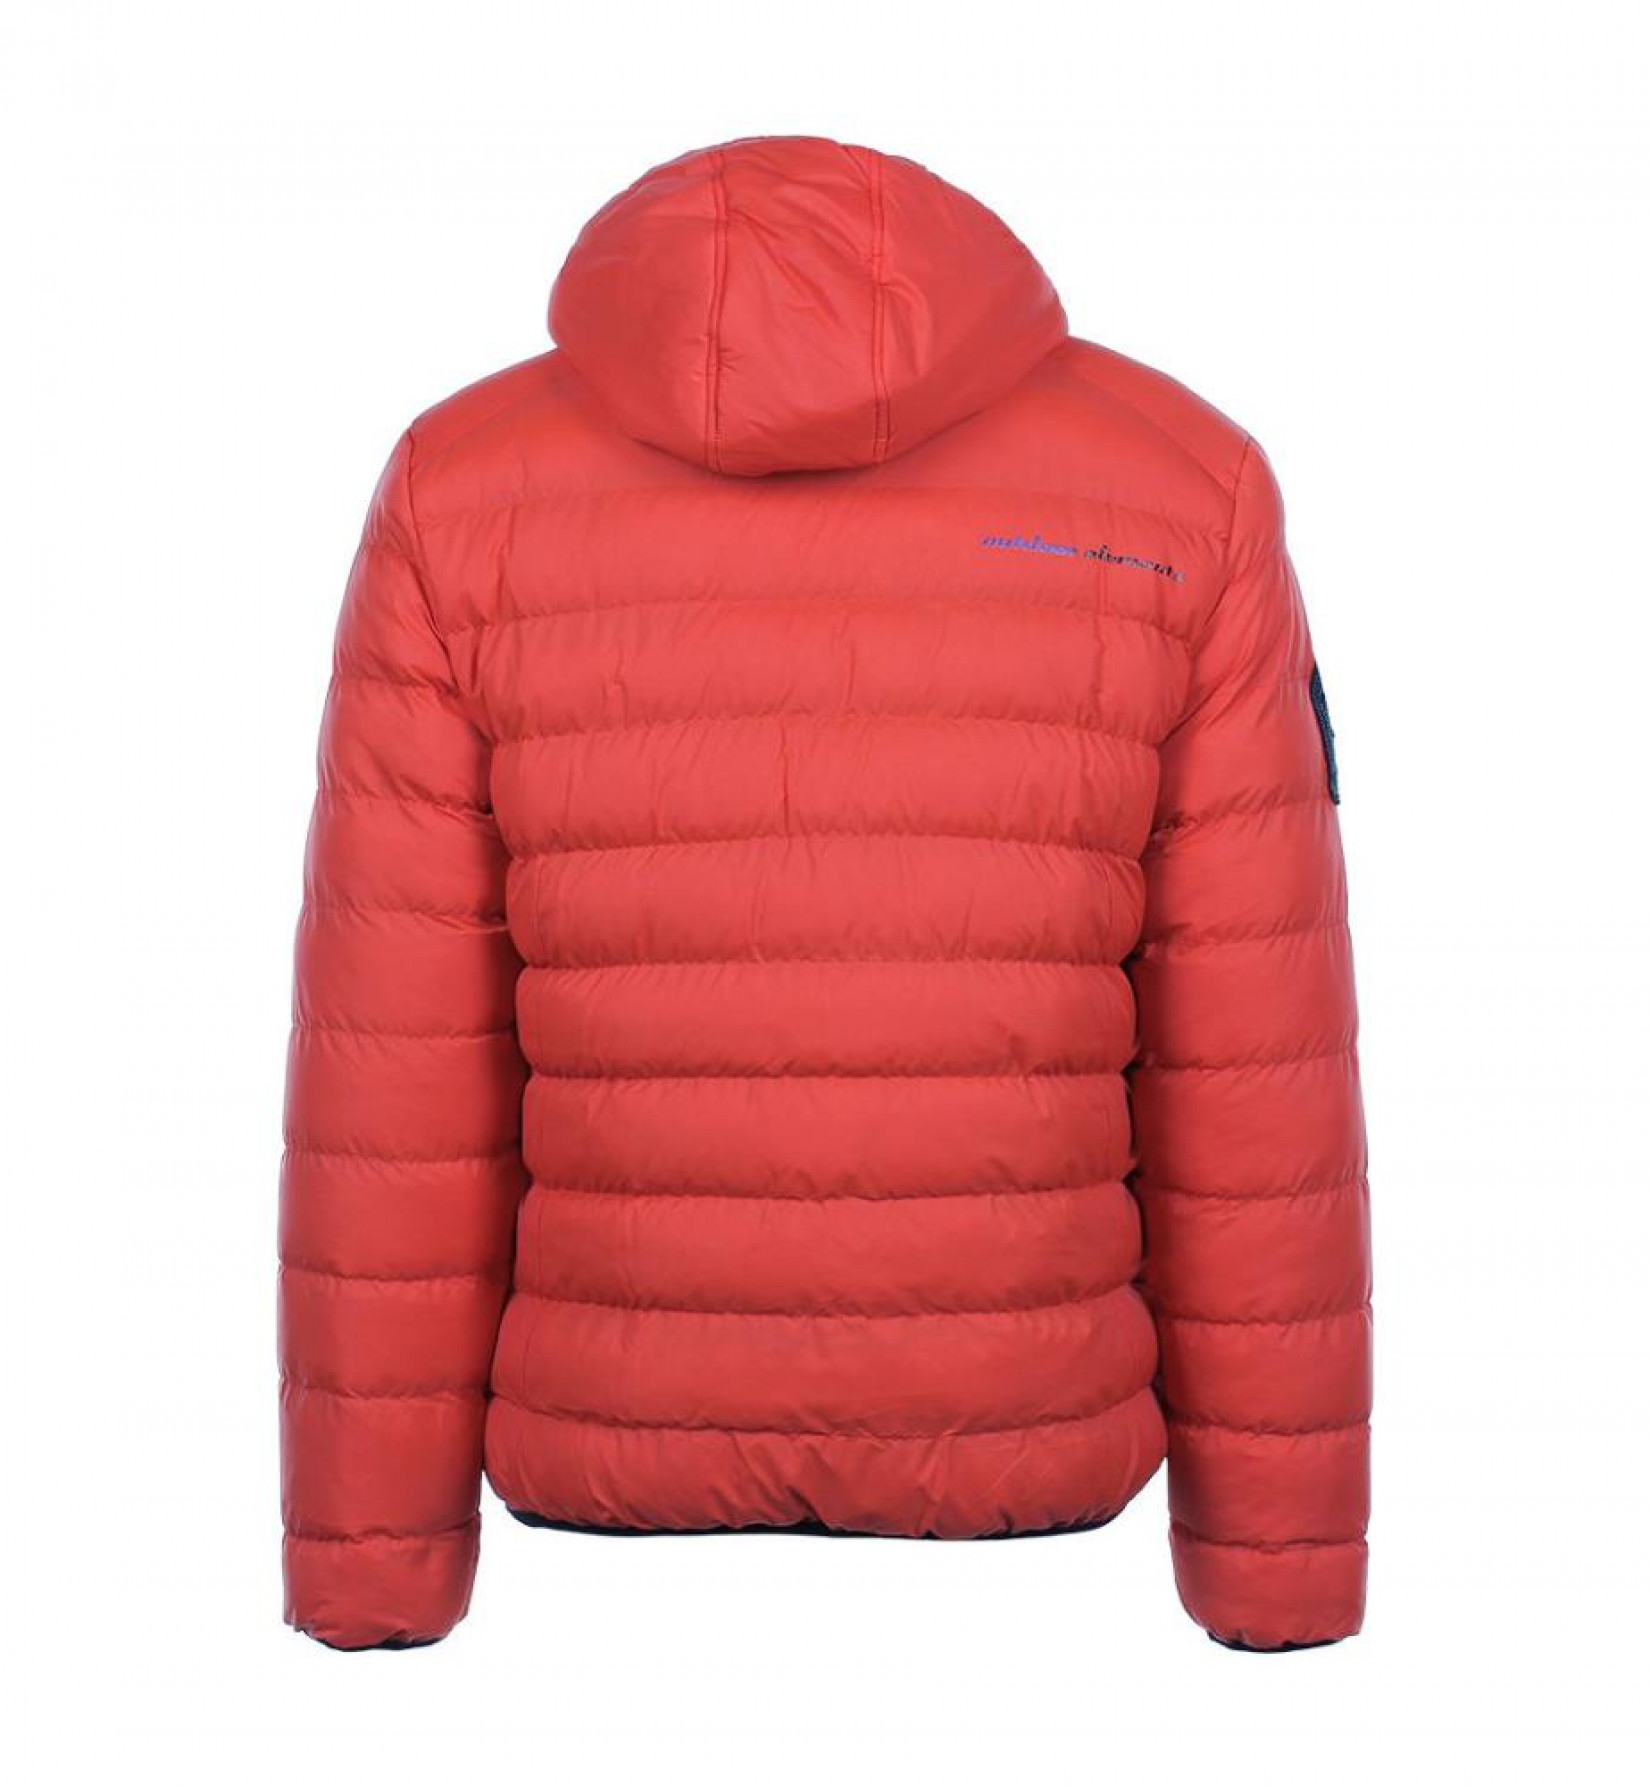 doudoune de ski homme carfou couleur orange peak mountain. Black Bedroom Furniture Sets. Home Design Ideas